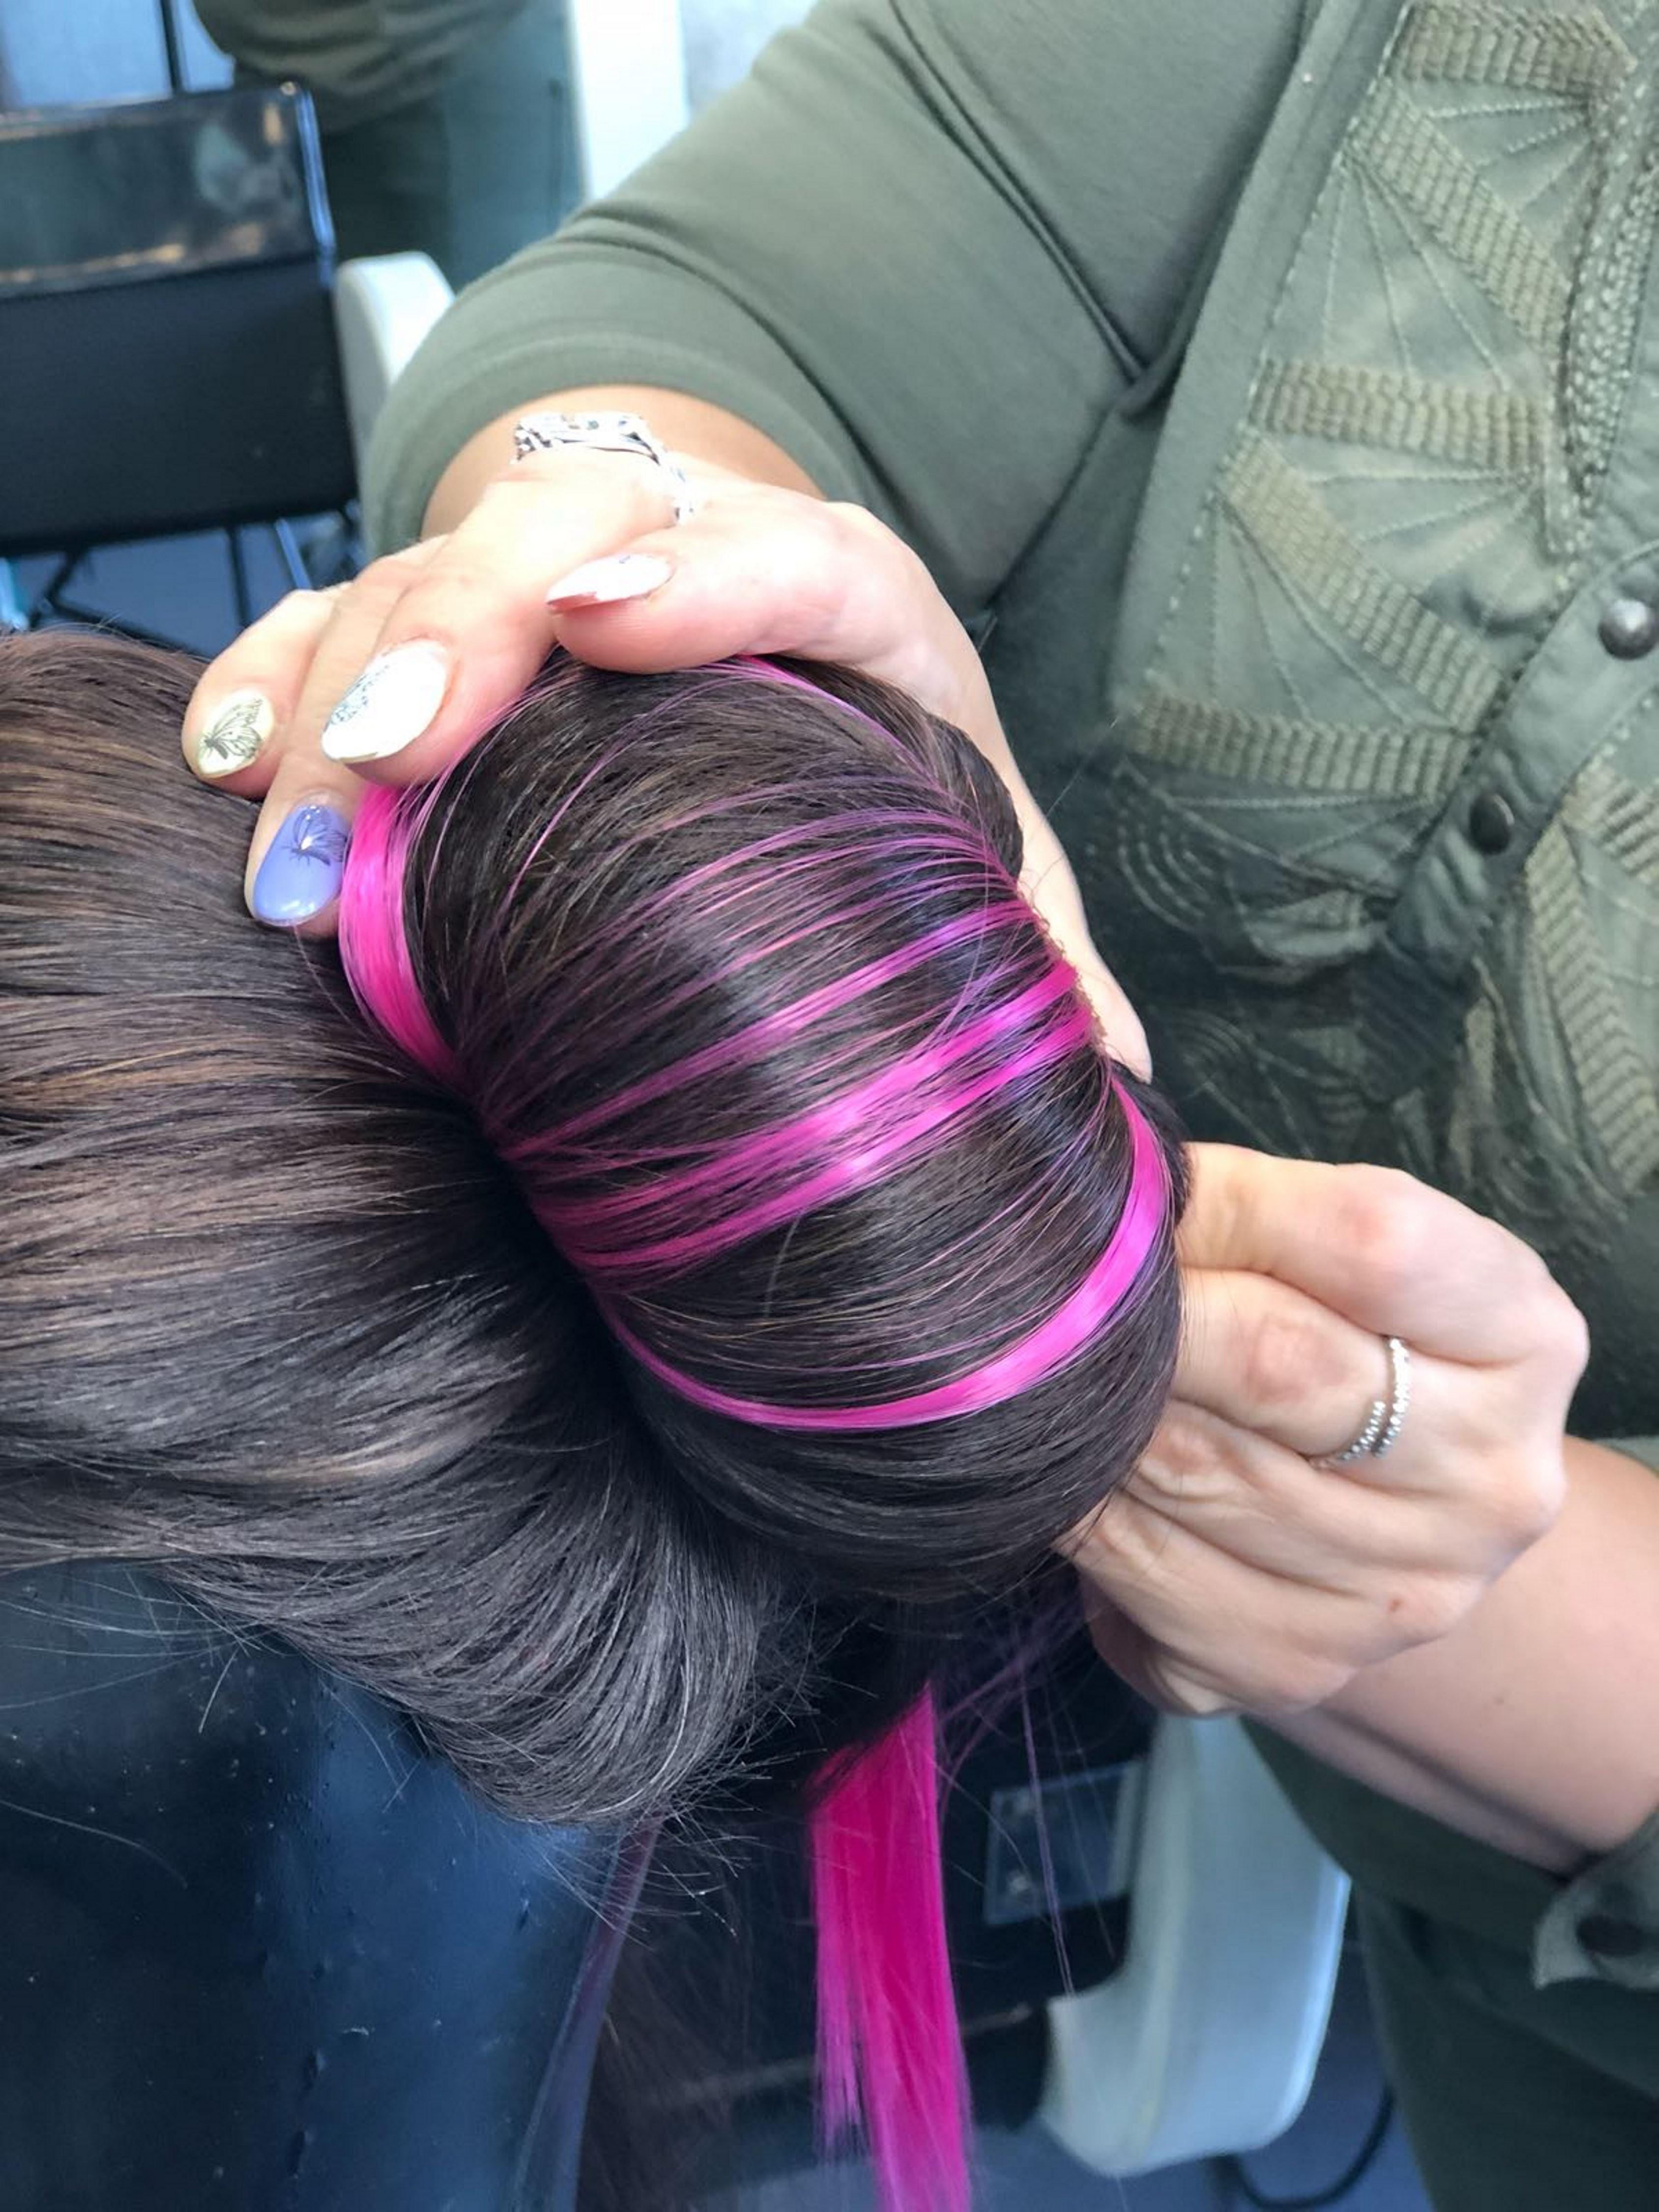 4. מלפפים את השיער מסביב לספוג ומחזקים עם מספר סיכות סבתא בחלקו התחתון